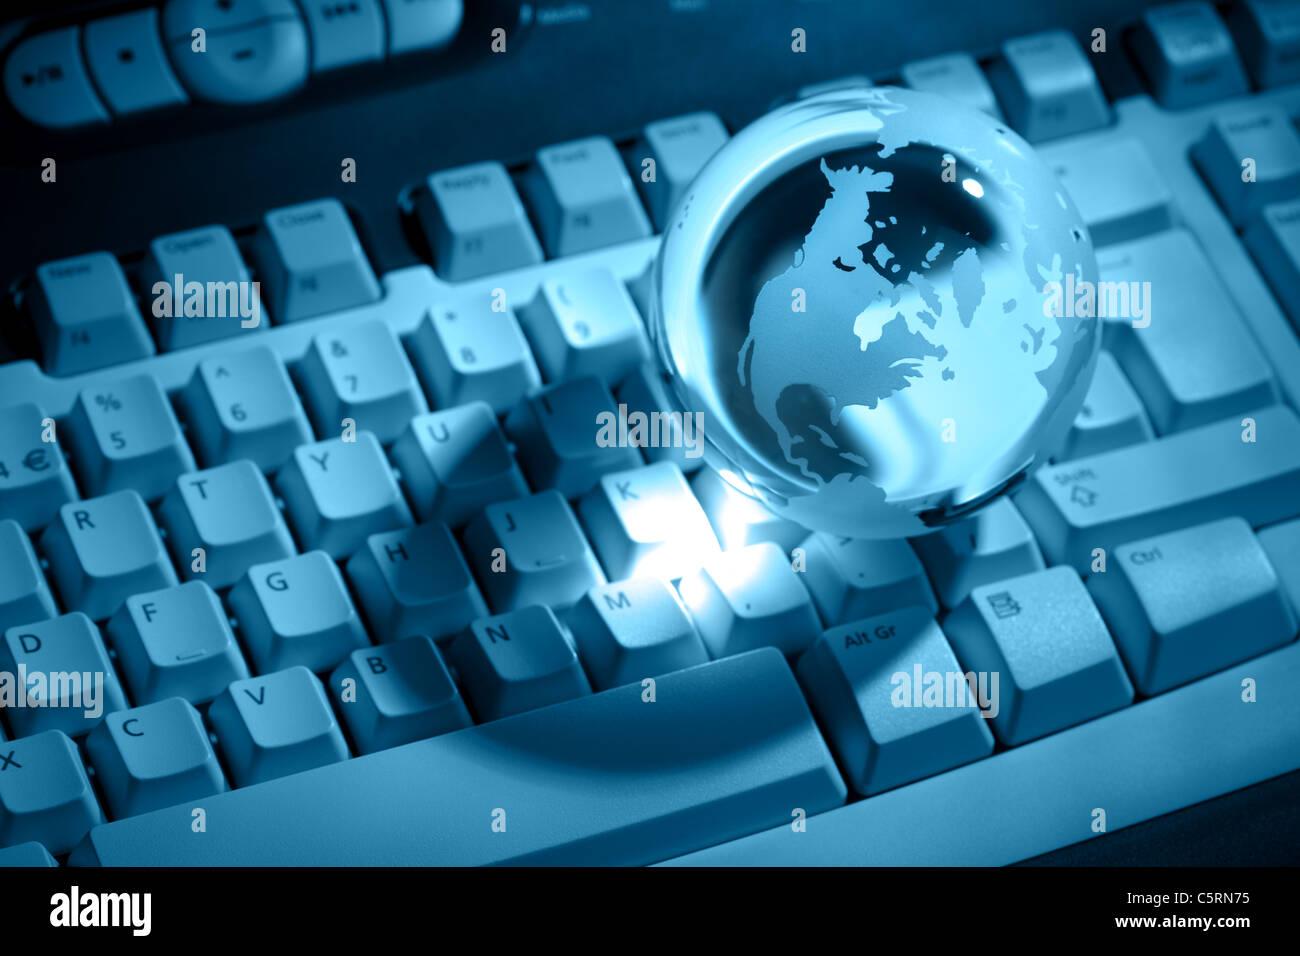 Globo di cristallo sulla tastiera Immagini Stock